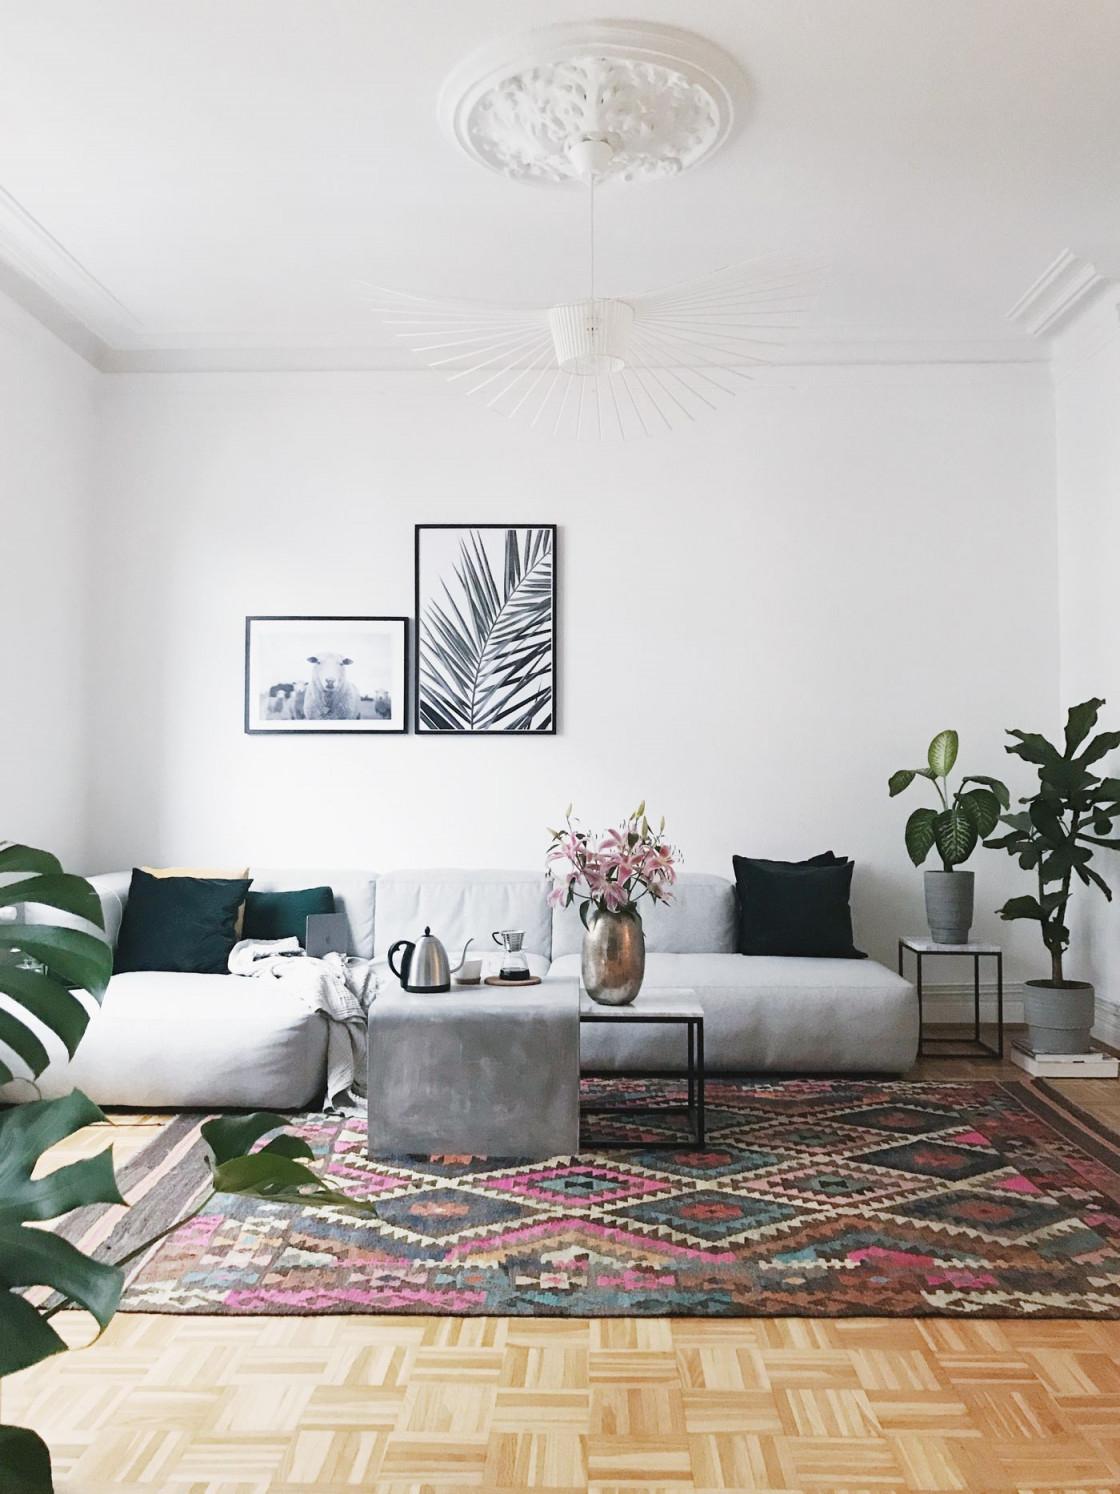 Die Schönsten Wohnzimmer Deko Ideen von Blumen Deko Wohnzimmer Bild